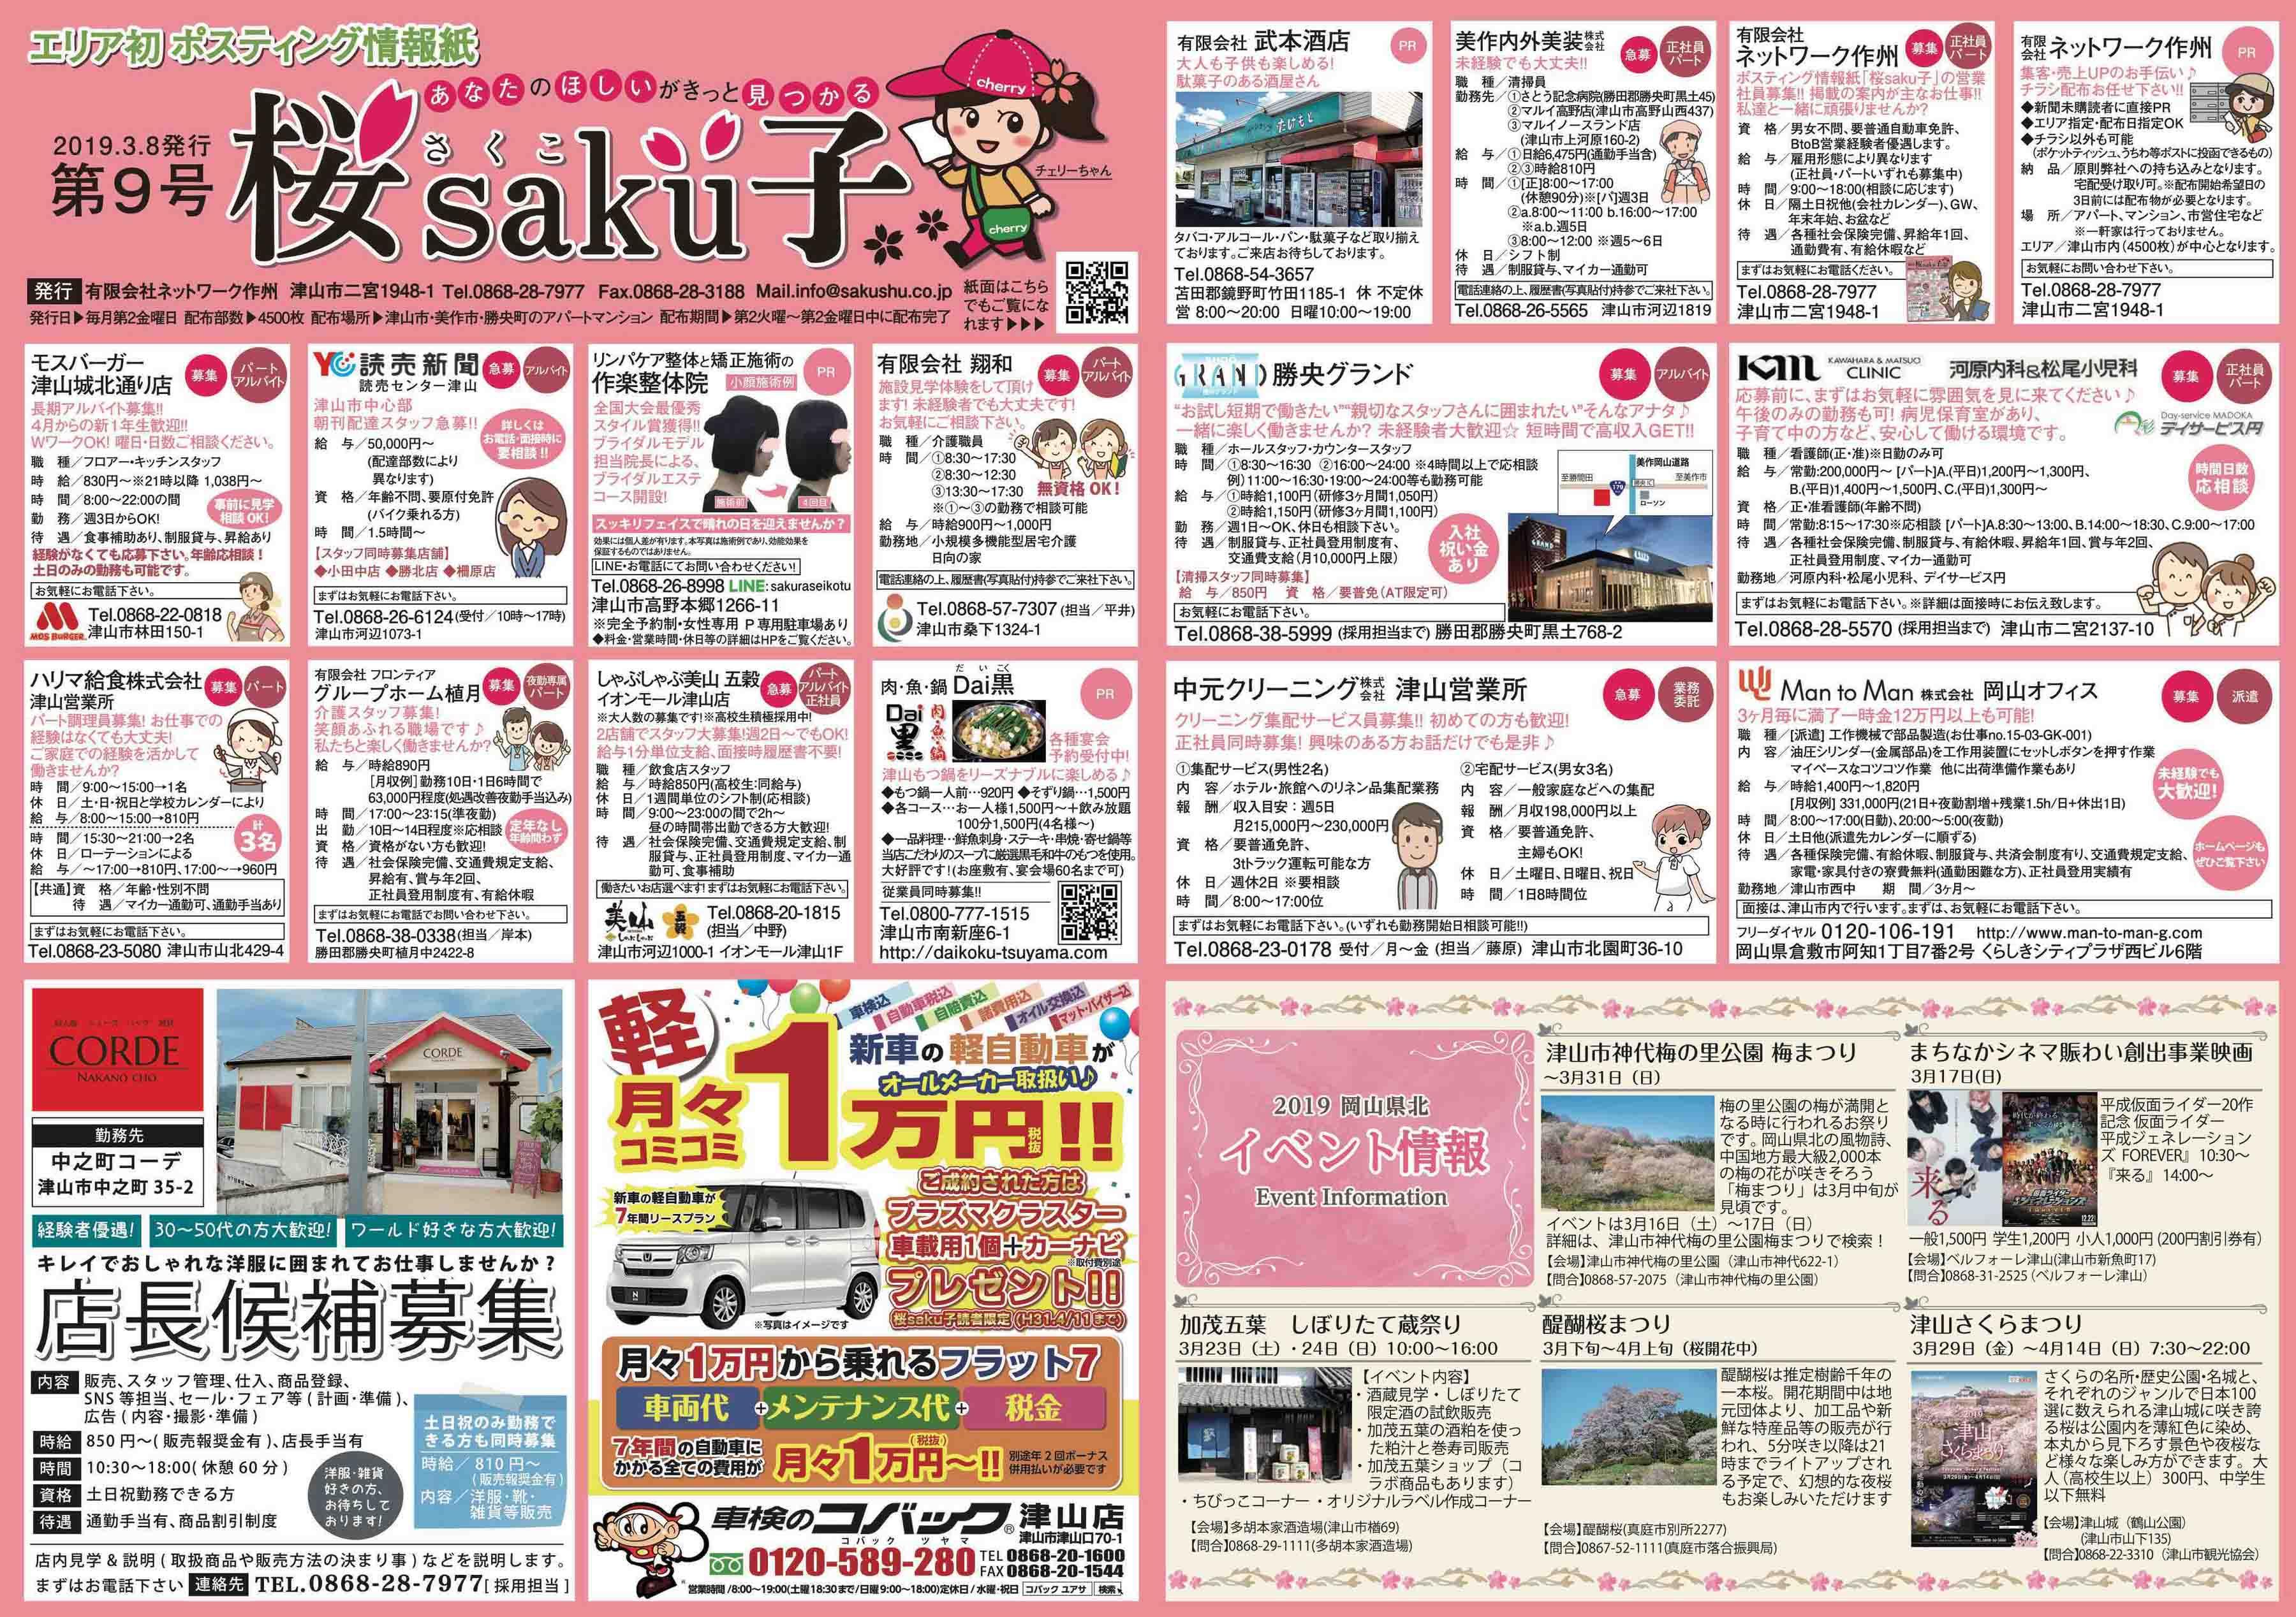 桜子0304[1-2]_FRONT_pj190304-0001000001